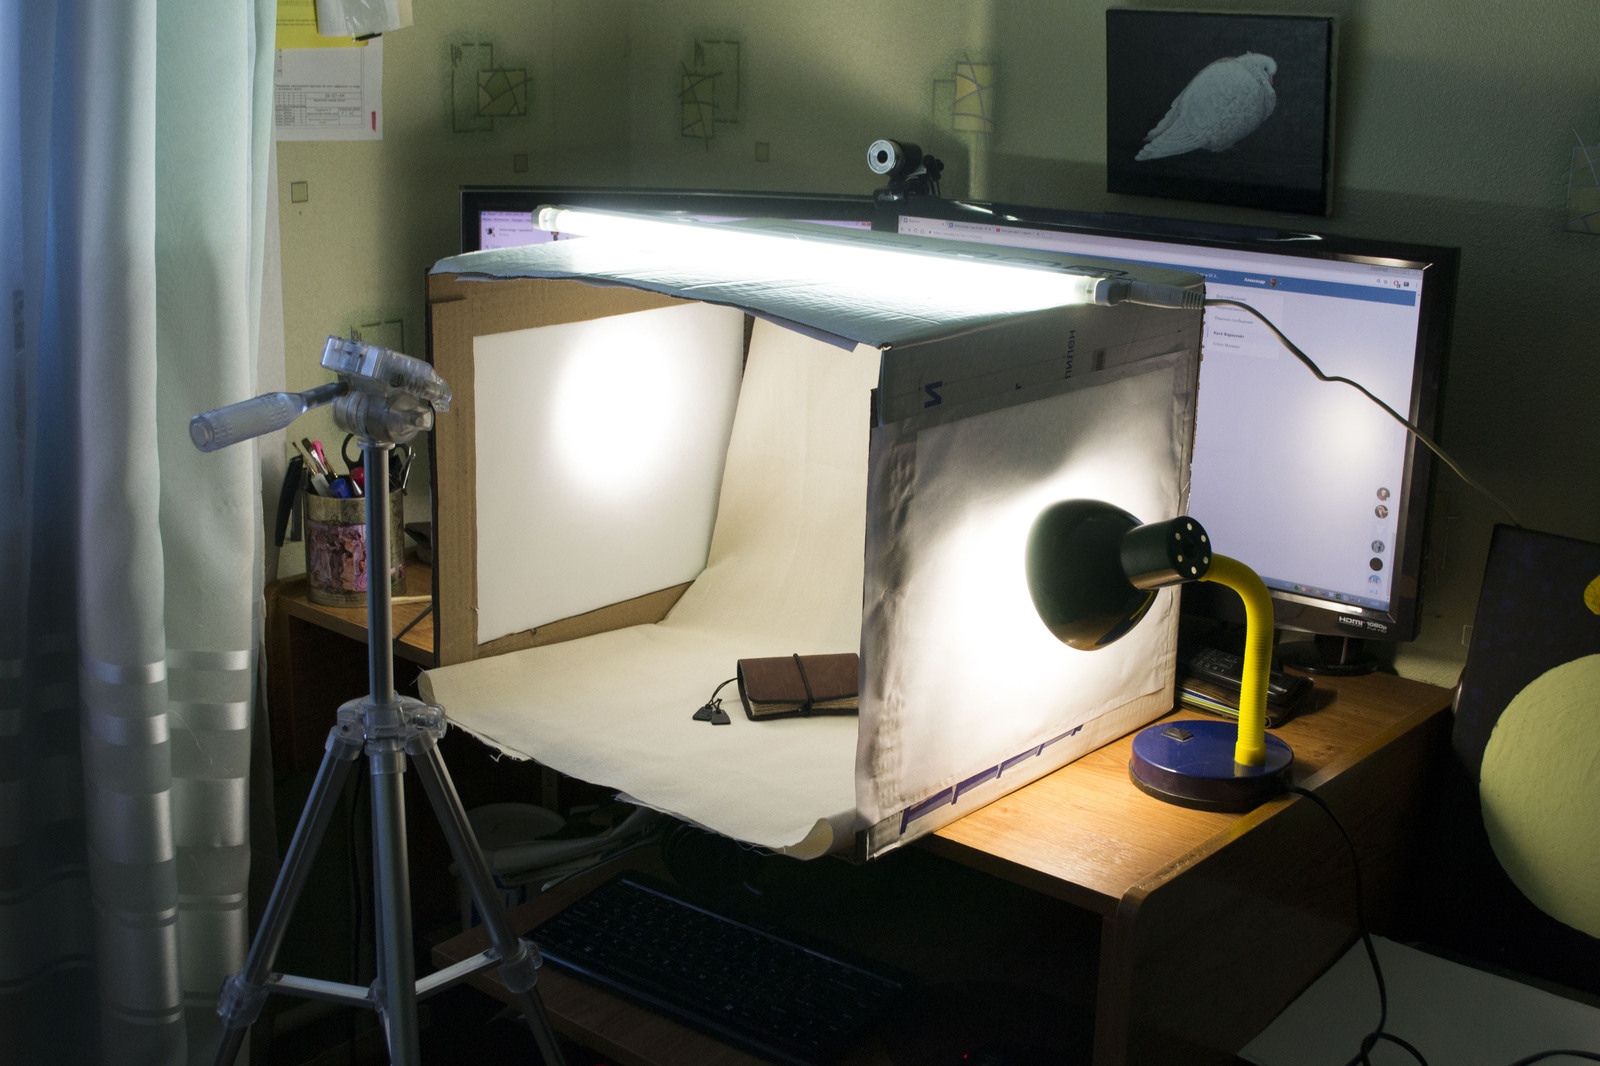 Стол для предметной съёмки своими руками 7